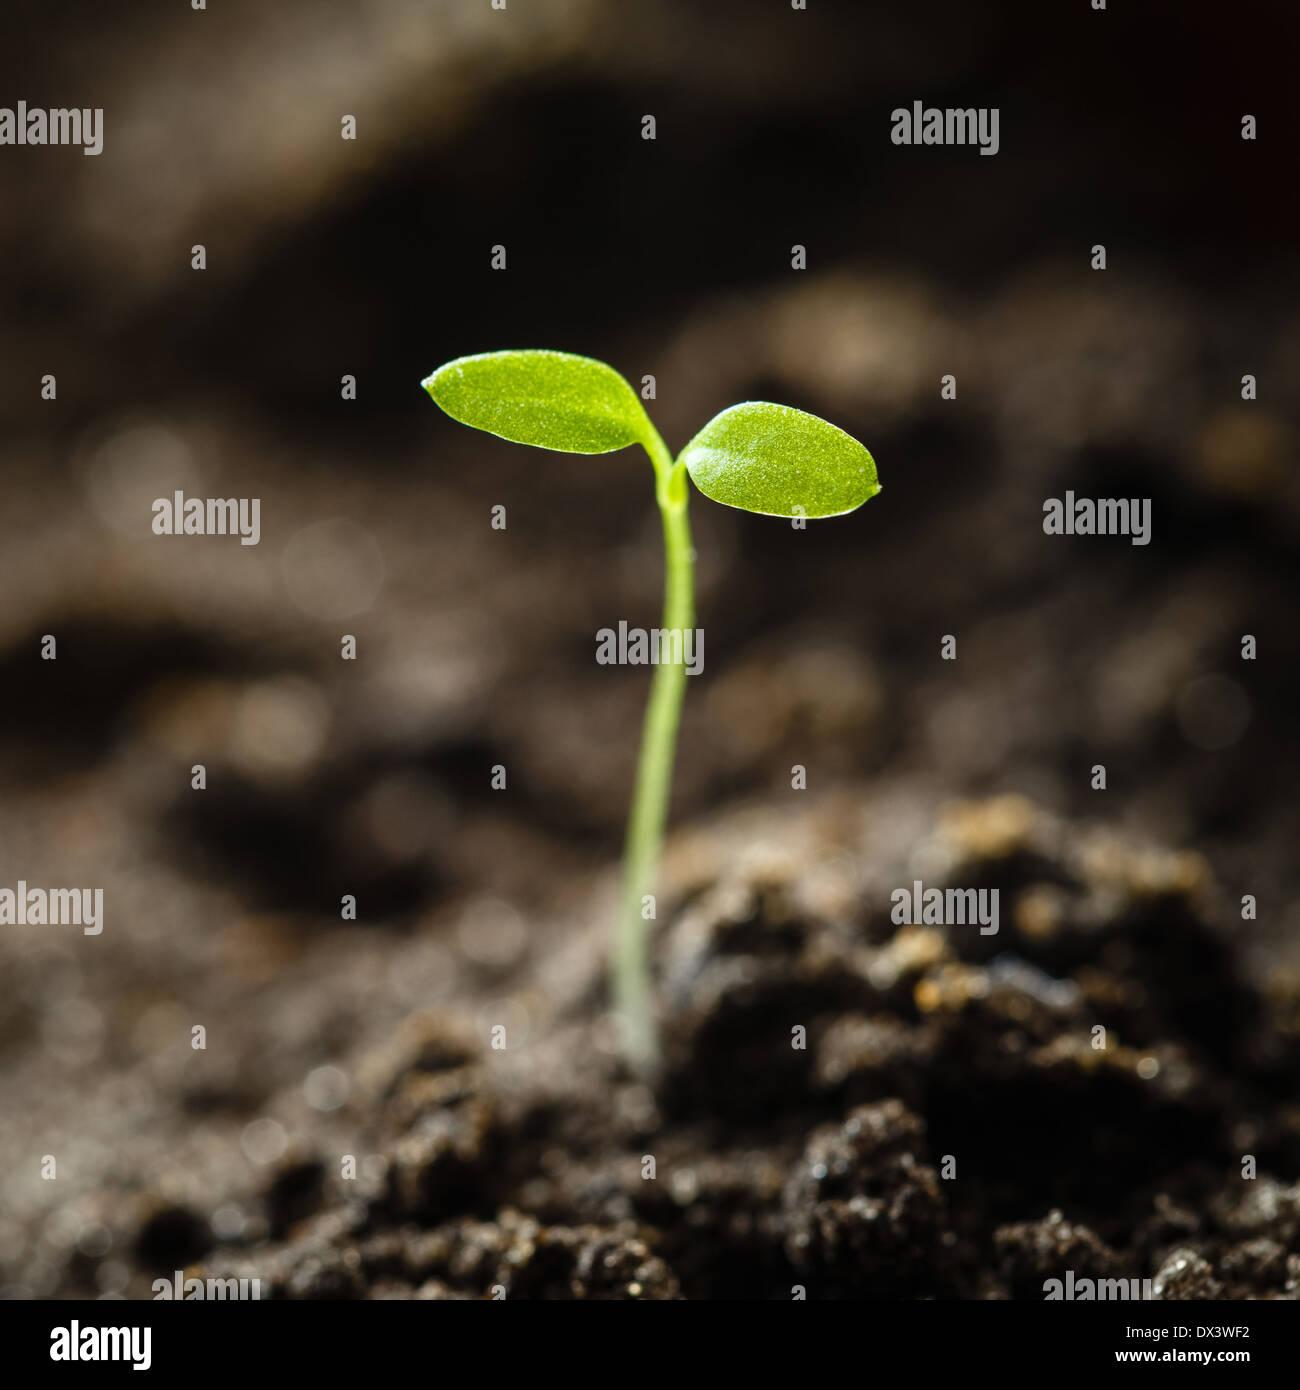 Green sprout faire pousser à partir de graines d'isoler sur fond blanc. Symbole du printemps, concept d'une nouvelle vie Photo Stock